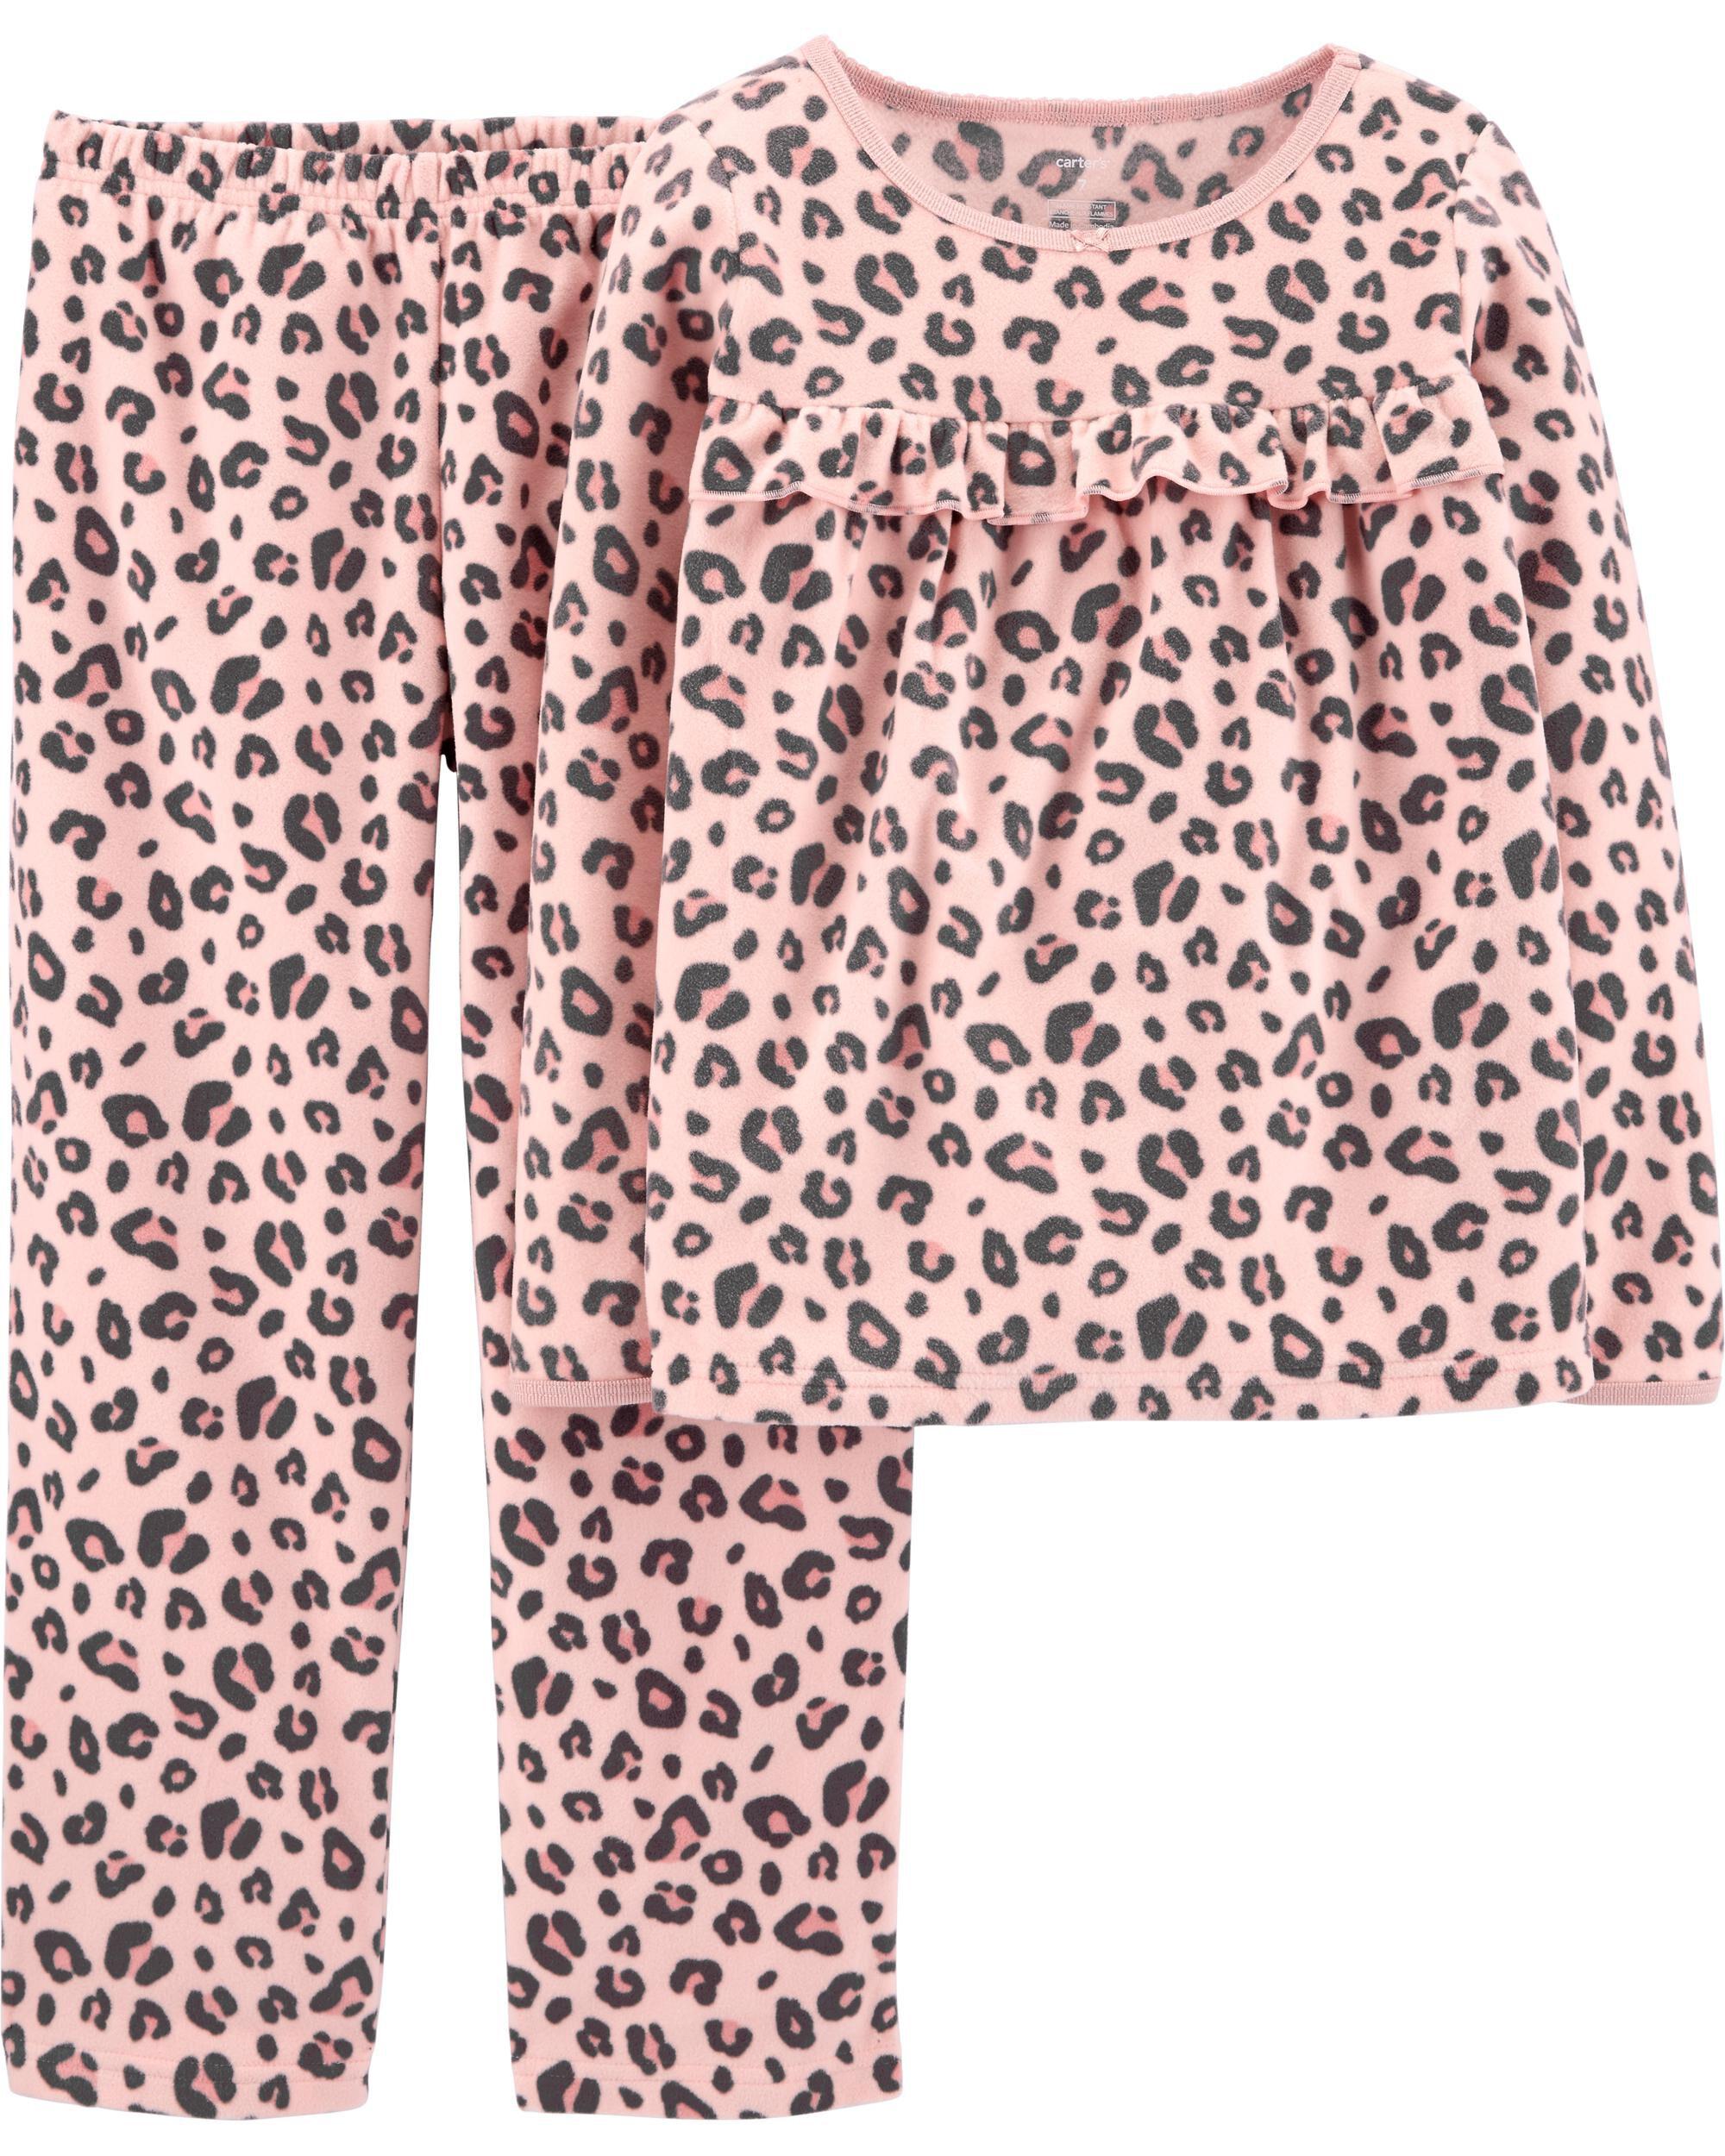 *DOORBUSTER* 2-Piece Leopard Print Fleece PJs